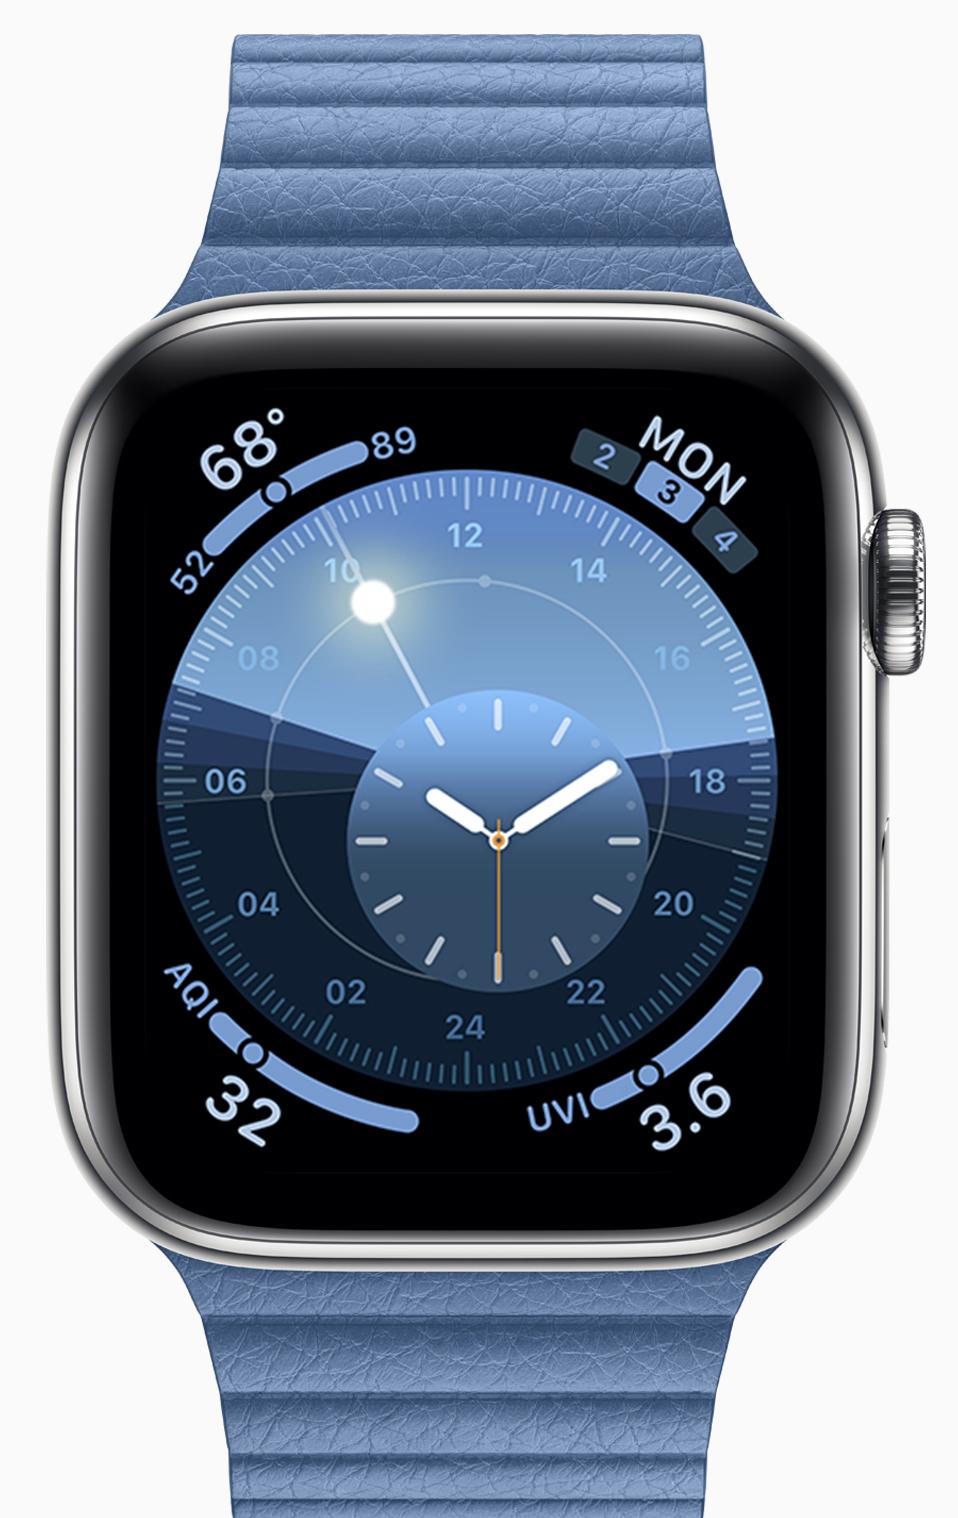 Apple posts fifth developer beta of watchOS 6.2